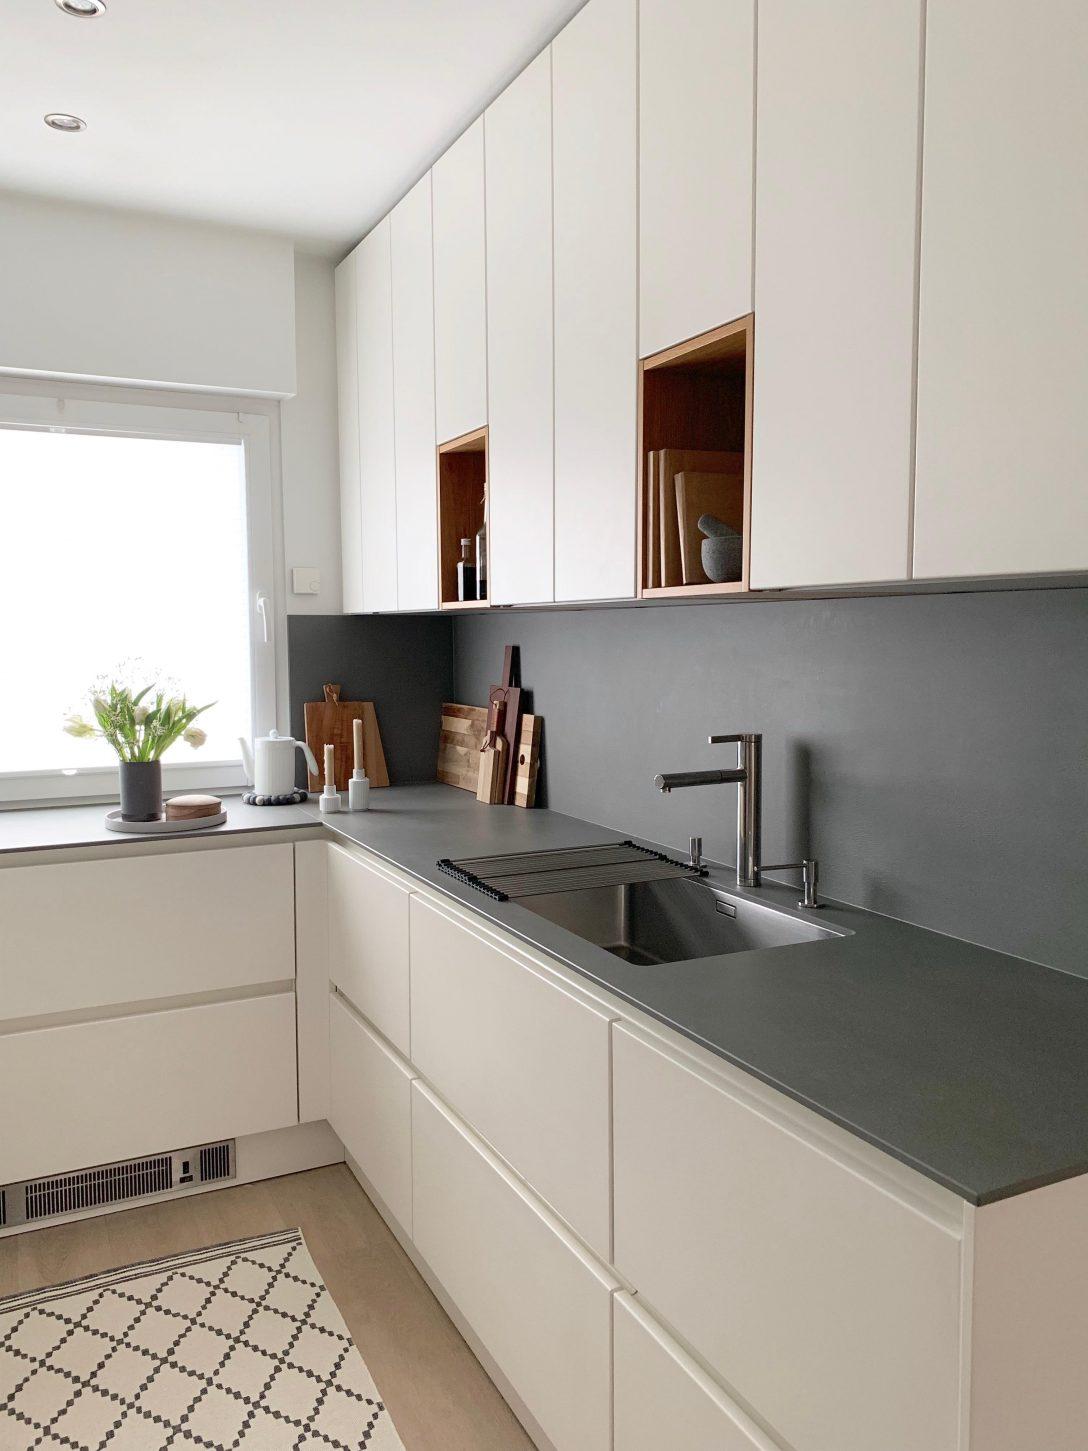 Large Size of Küchen Ideen Grifflose Kche Bilder Couch Bad Renovieren Regal Wohnzimmer Tapeten Wohnzimmer Küchen Ideen